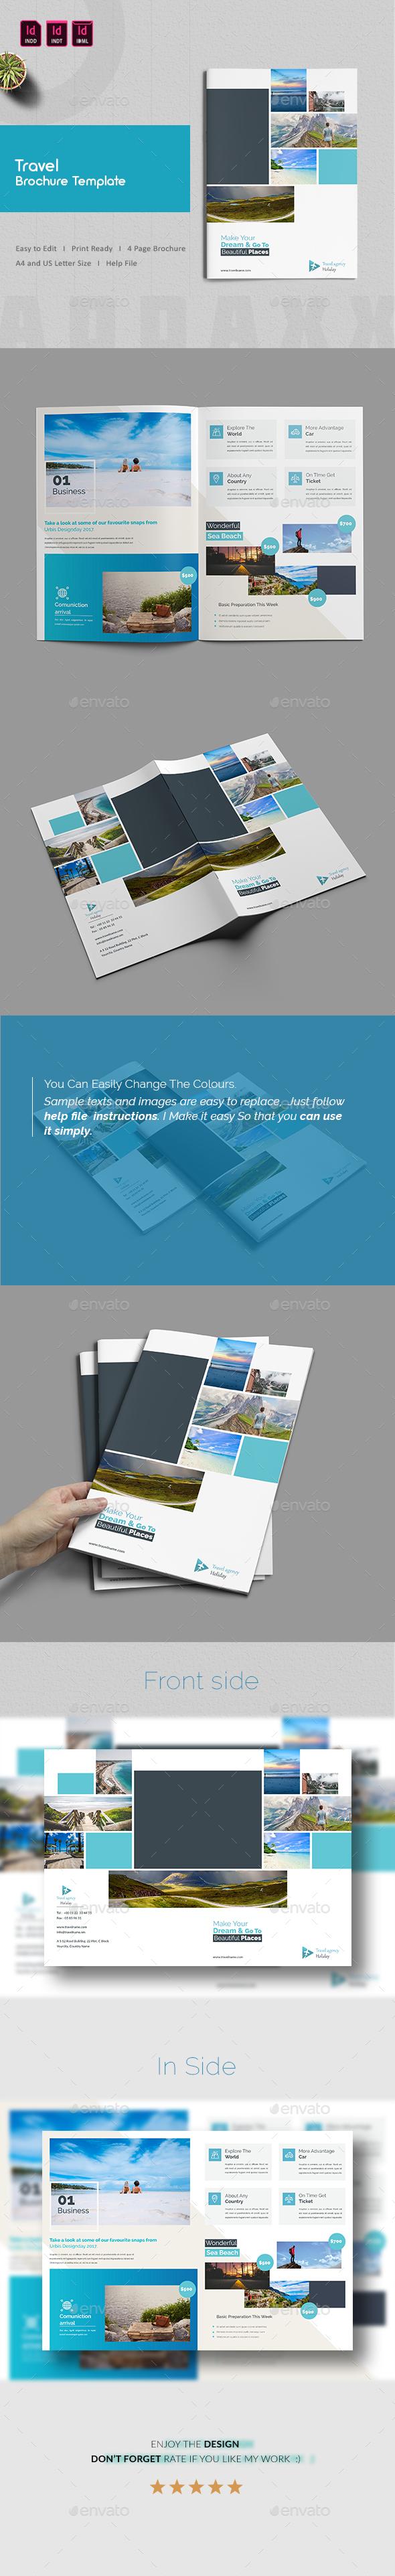 Travel Brochure Template - Corporate Brochures